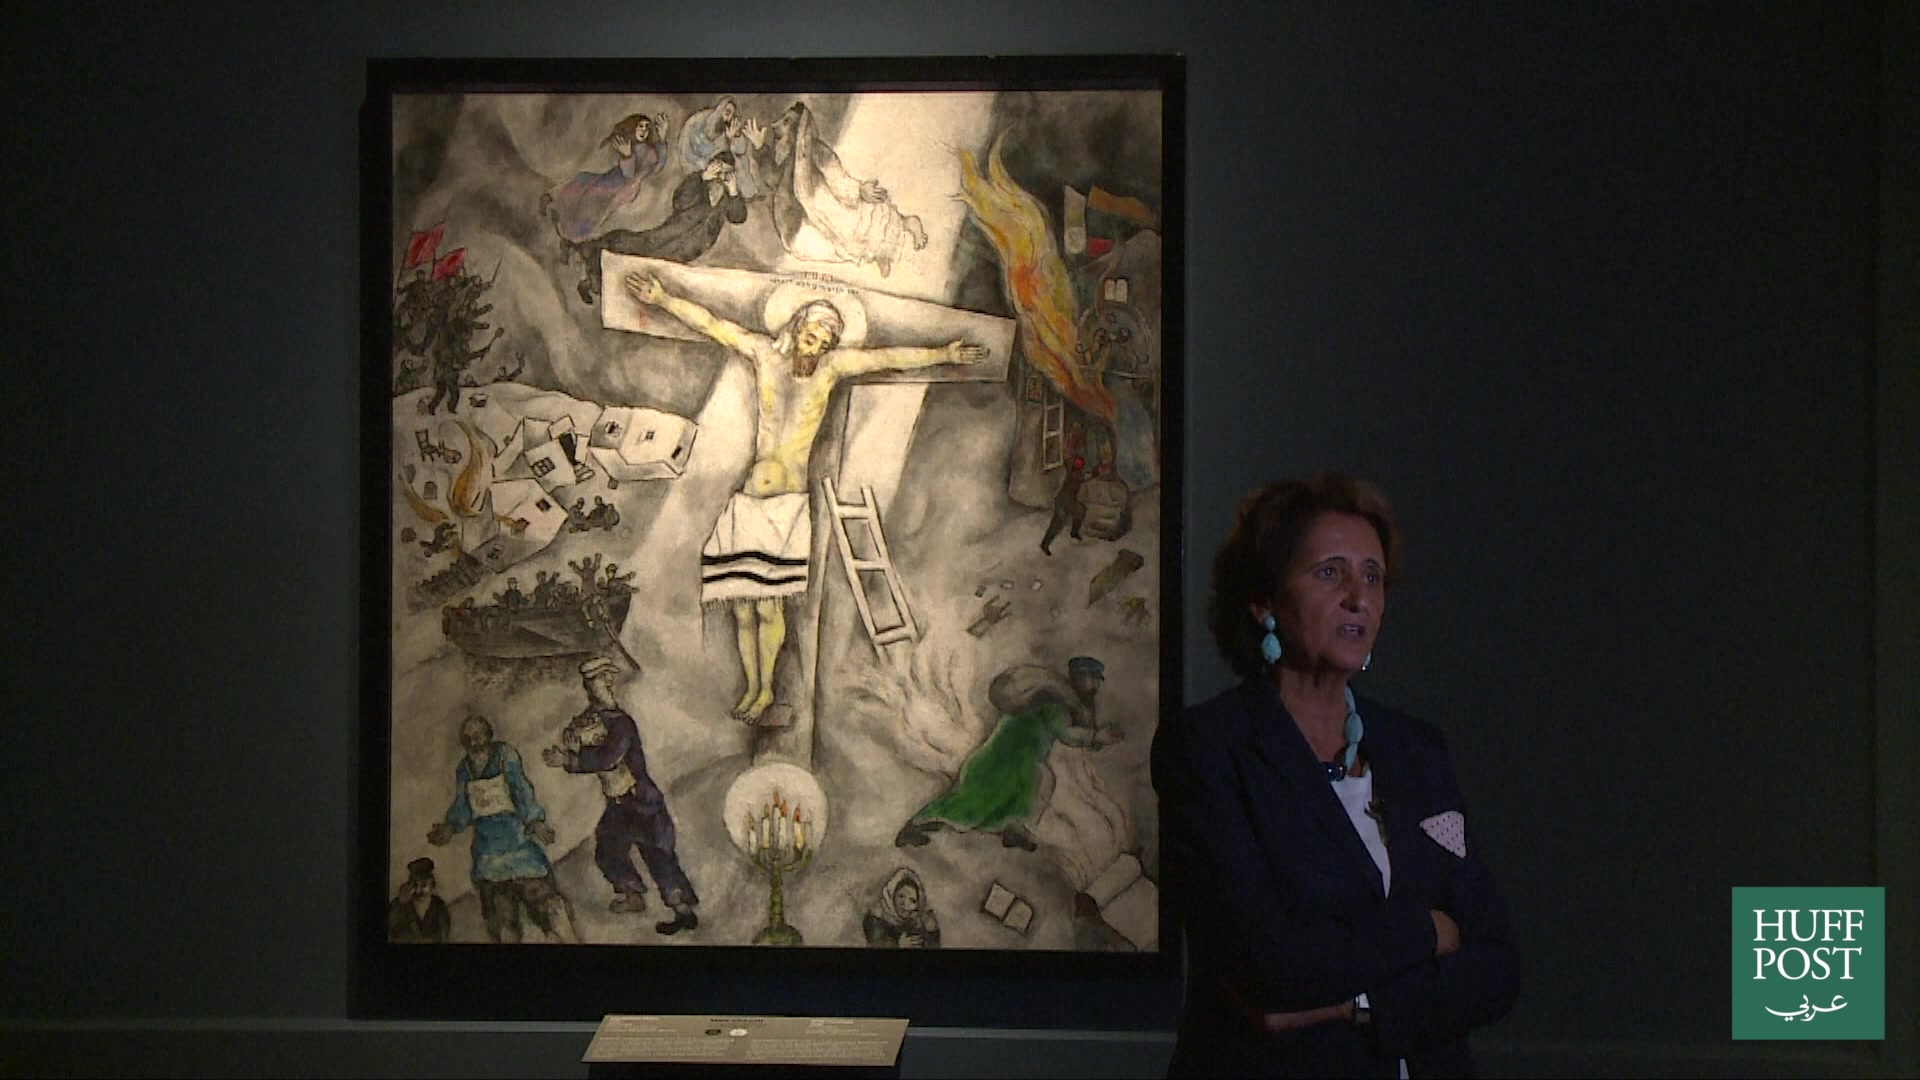 الجمال الالهي معرض يركز على تشجيع البابوات لل�ن الديني